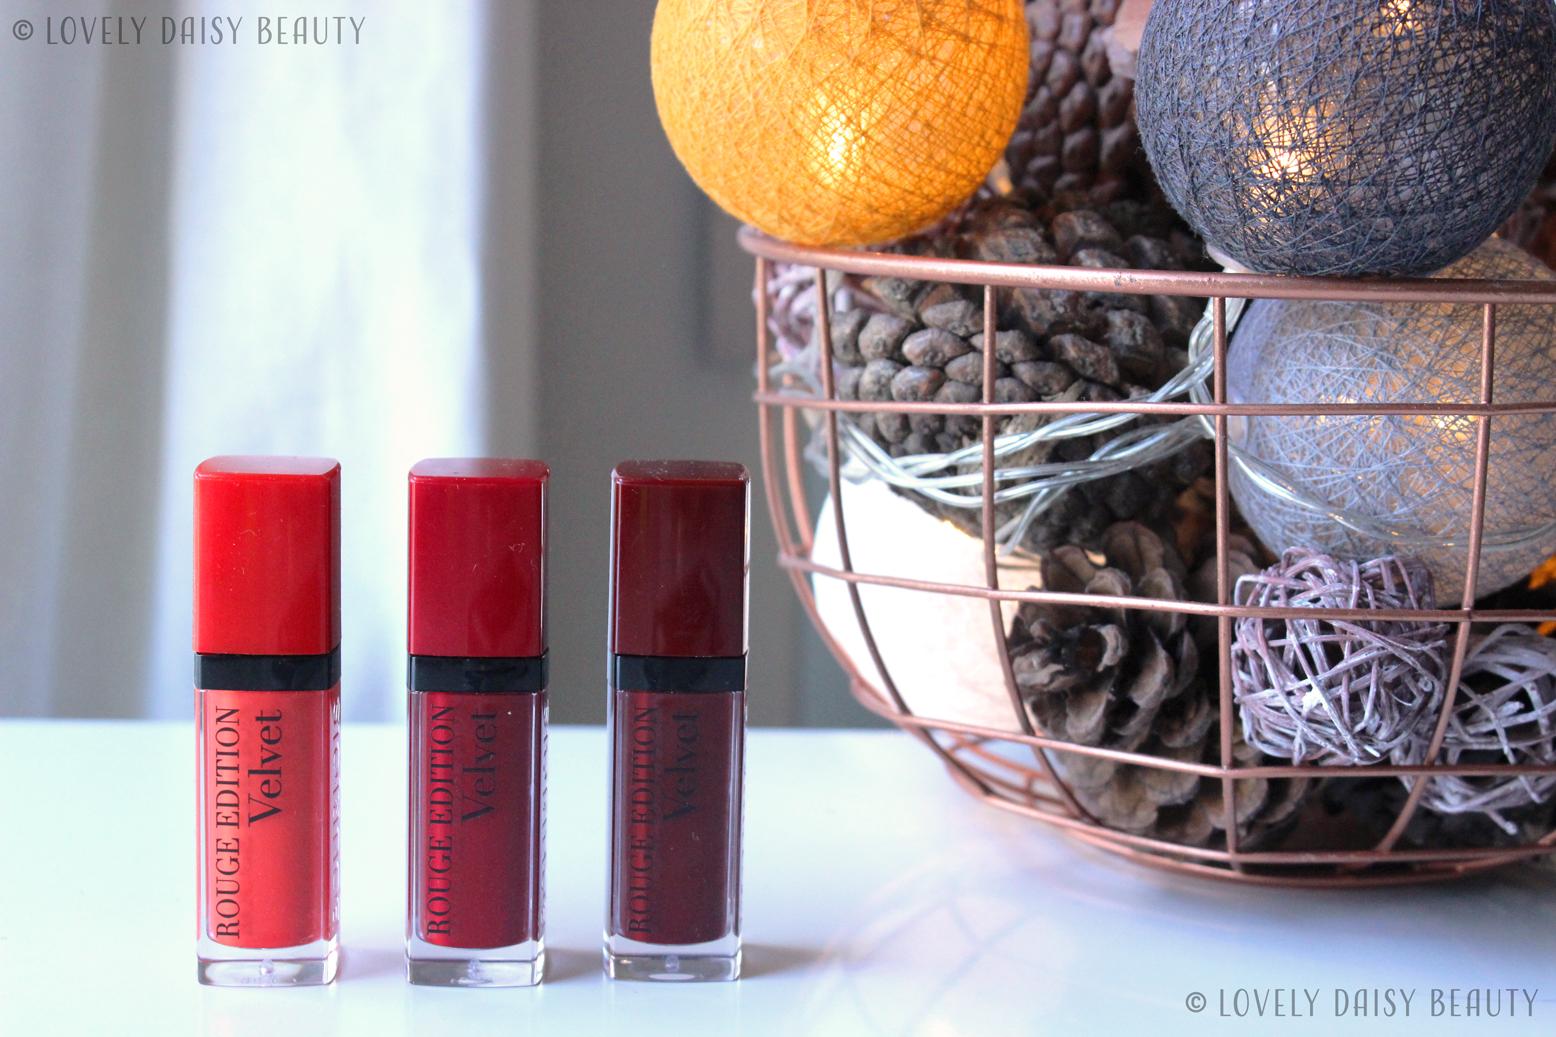 Rouge-Edition-Velvet-poppy-days-redvolution-jolie-de-vin1